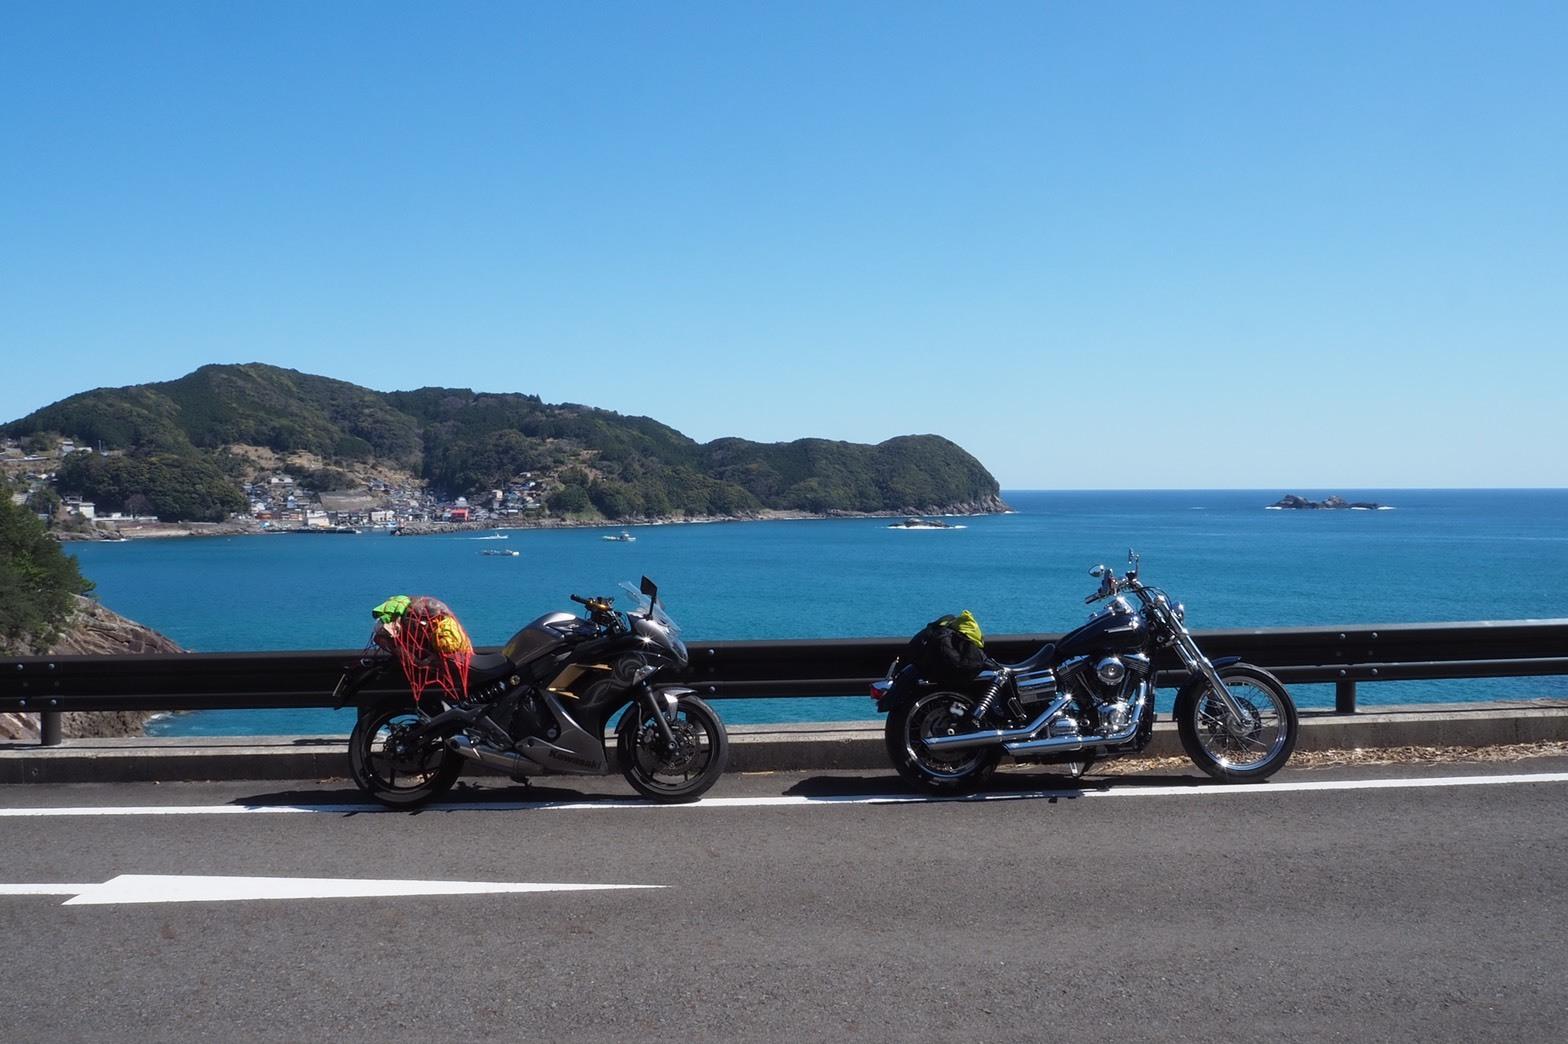 ぴーきち&ダイナ 紀伊半島ツーリング 三重県 熊野市 鬼ヶ城の海沿い